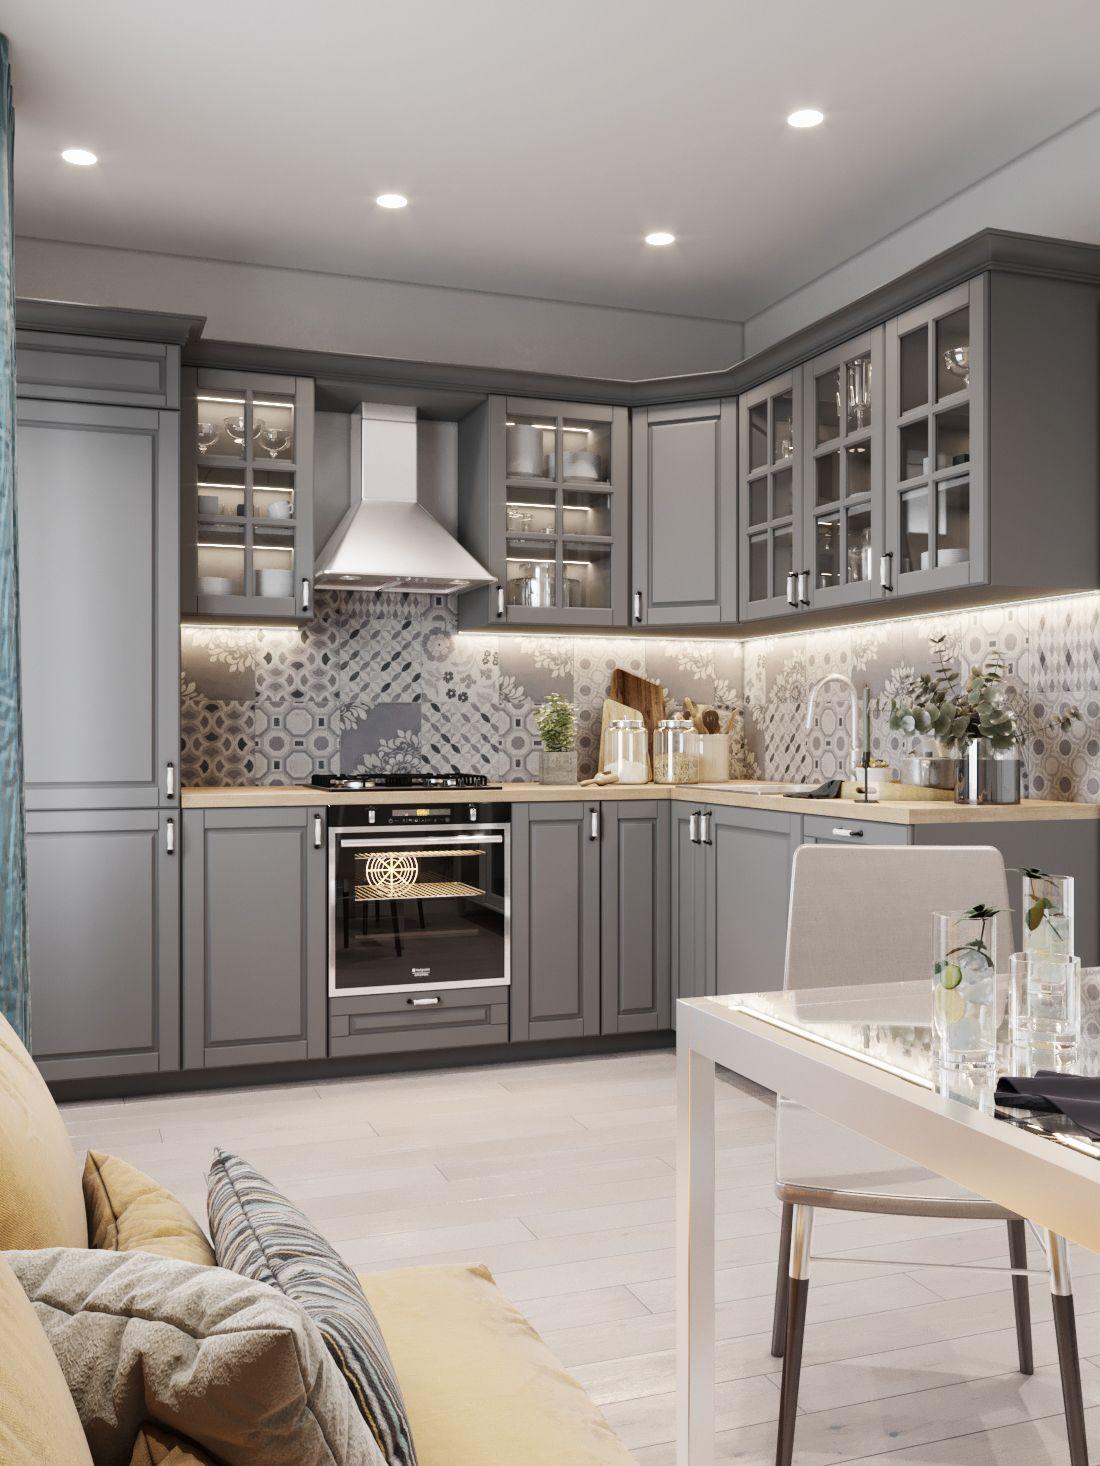 Küchen Butlerspeisekammer, Küchenschränke, Farbige Küchenschränke, Hausbar,  Landhausküche, Kleine Küchen, Traumküchen, Design Für Kleine Küche, ...